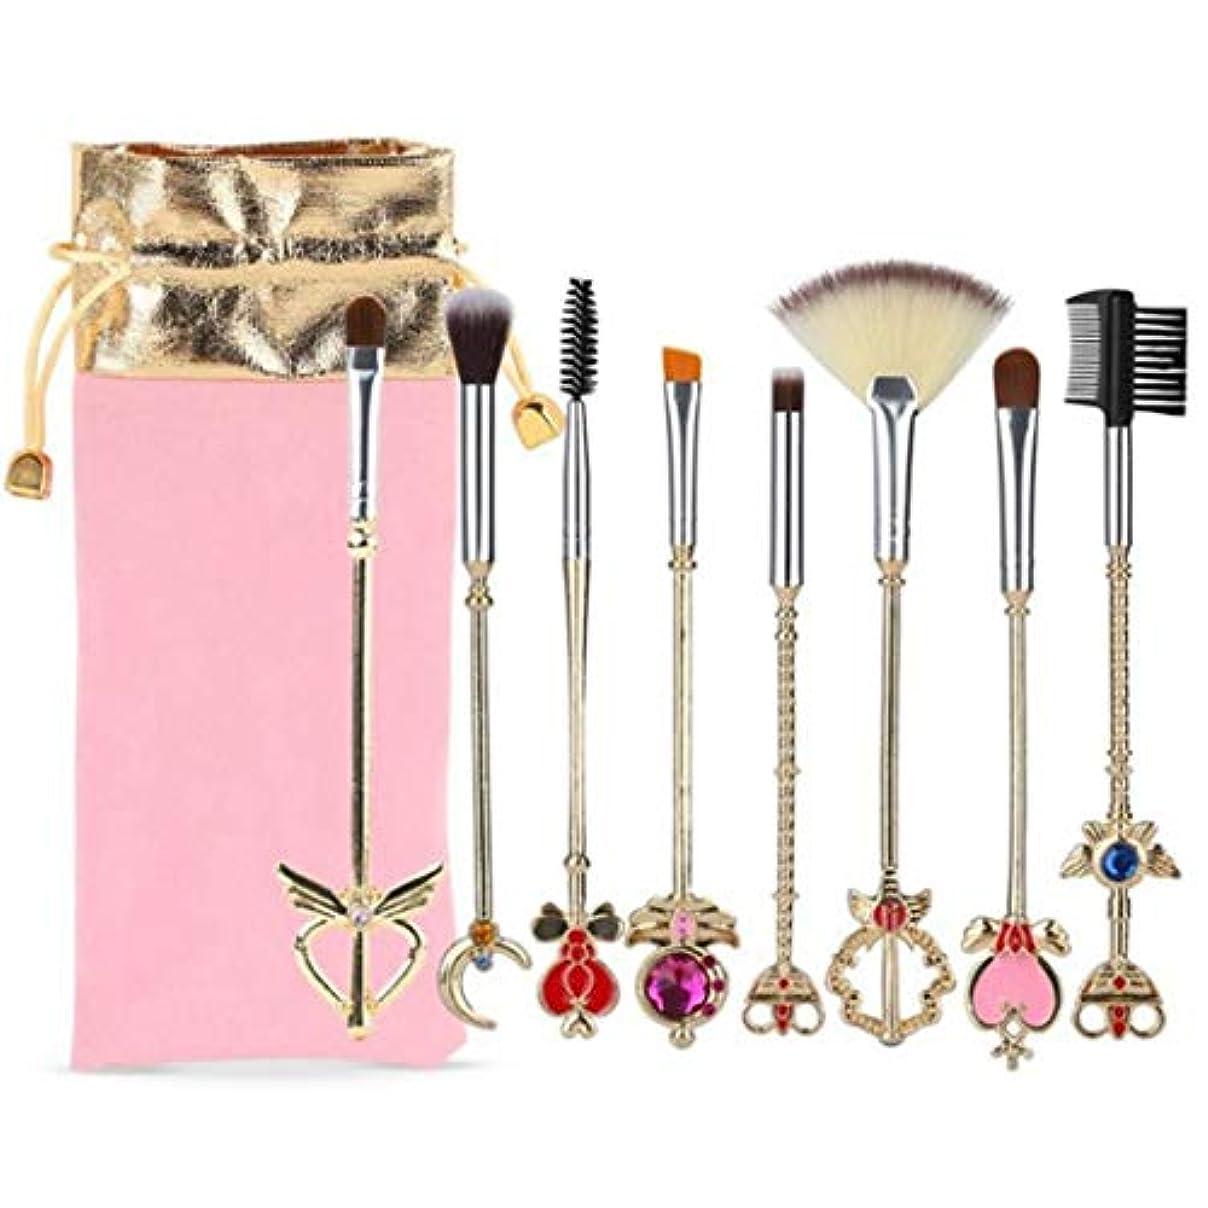 適応雹ほめるOU-Kunmlef 信頼できる8 PCセーラームーン化粧ブラシは、ポーチ、魔法の女の子ゴールドcardcaptor桜の化粧品ブラシとセットをドローストリングバッグ